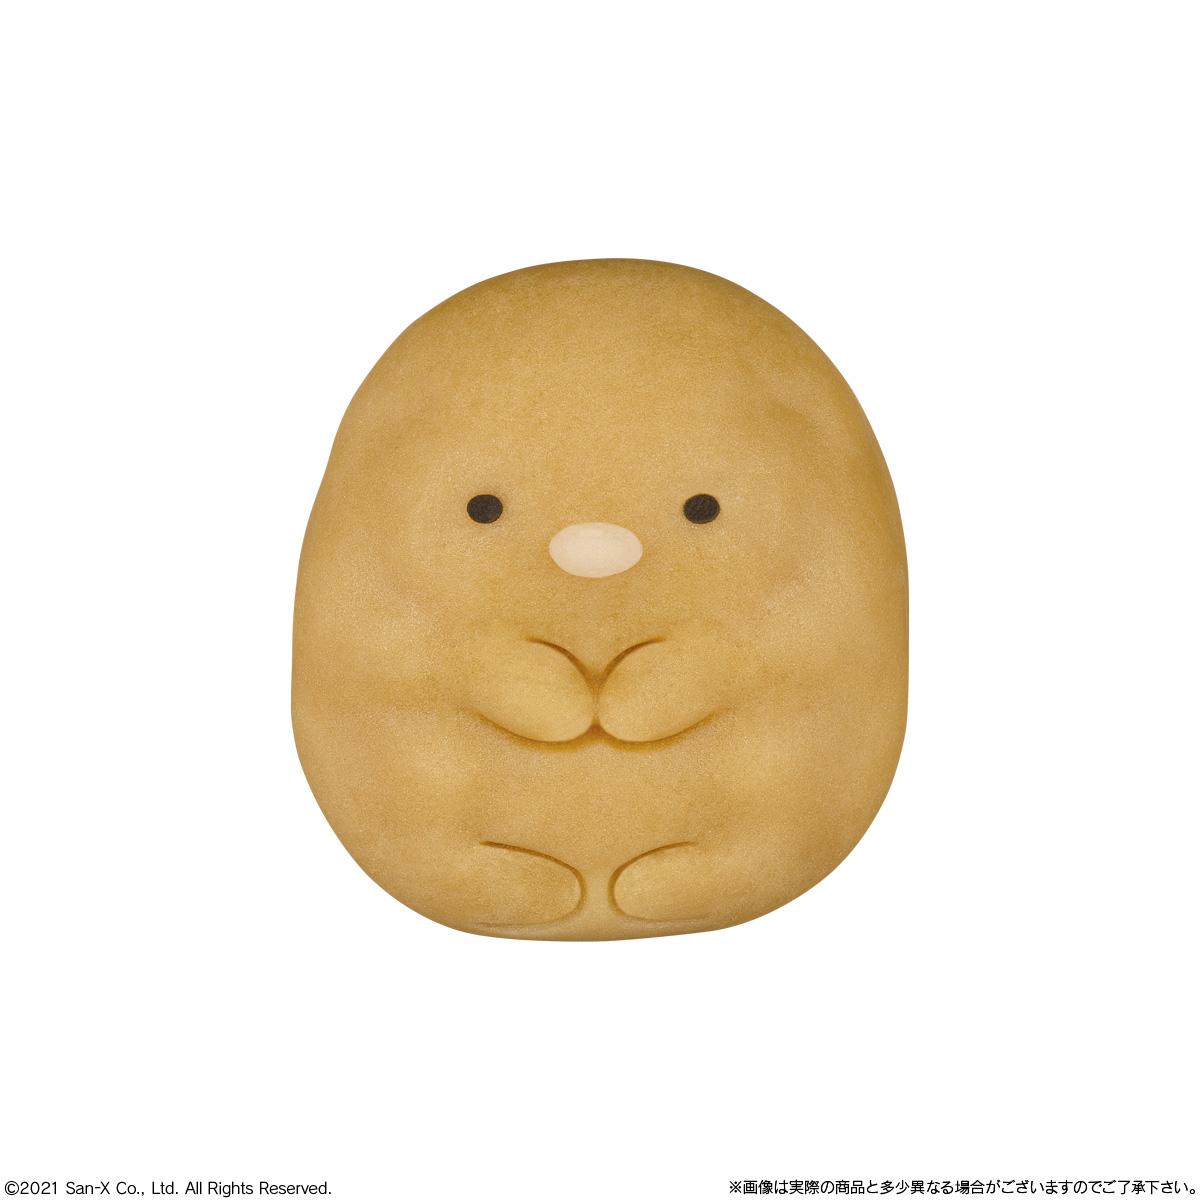 食べマス すみっコぐらし (とんかつ・えびふらいのしっぽ)_1